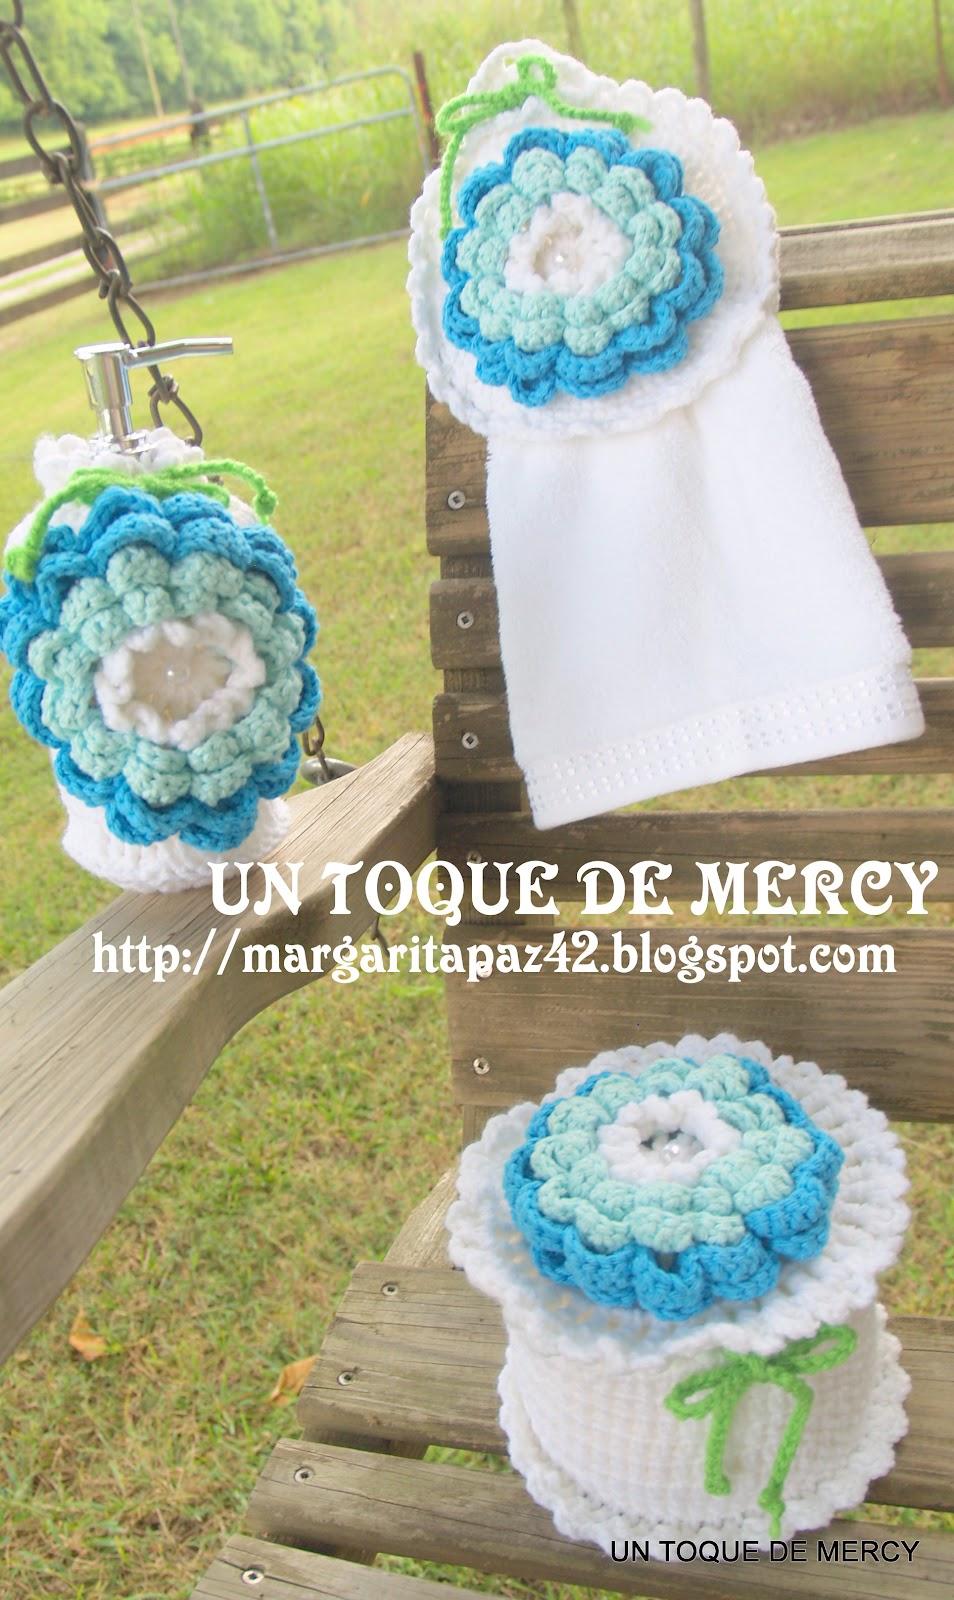 Set De Baño Drapeado:UN TOQUE DE MERCY: SET PARA BANO DE CROCHET – set para bano de crochet